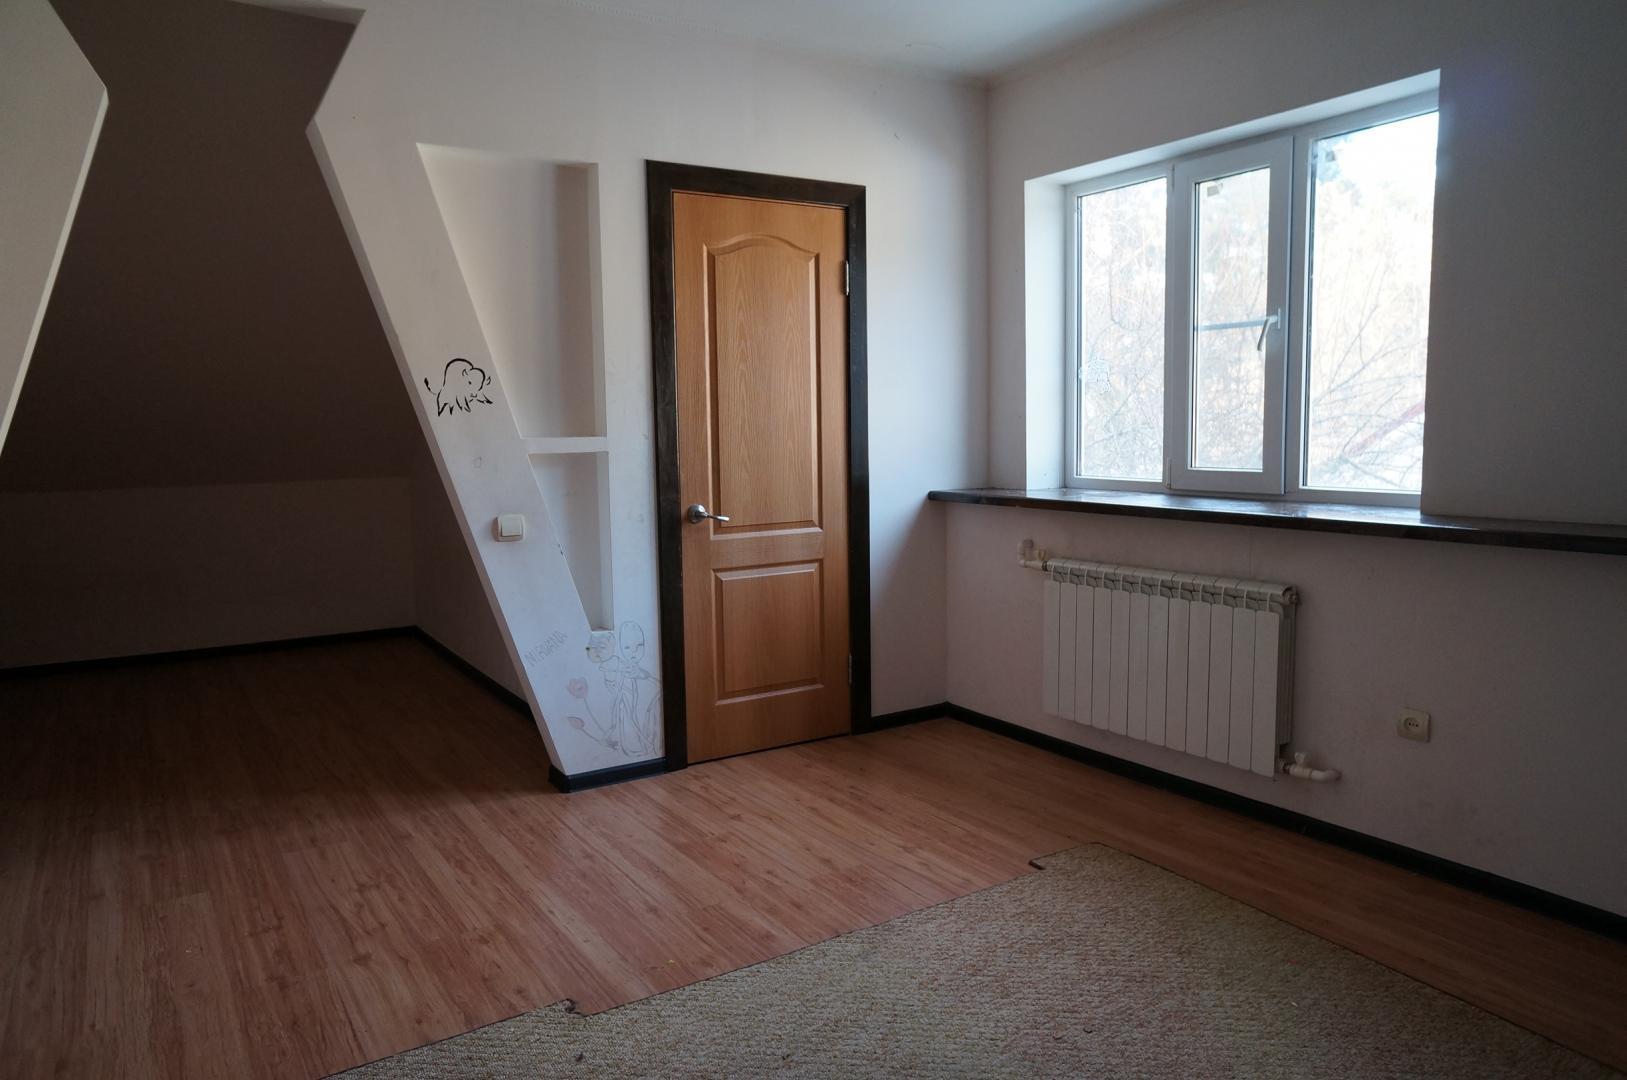 продам часть дома 93 кв.м. в 2-х уровнях, по ул., ...